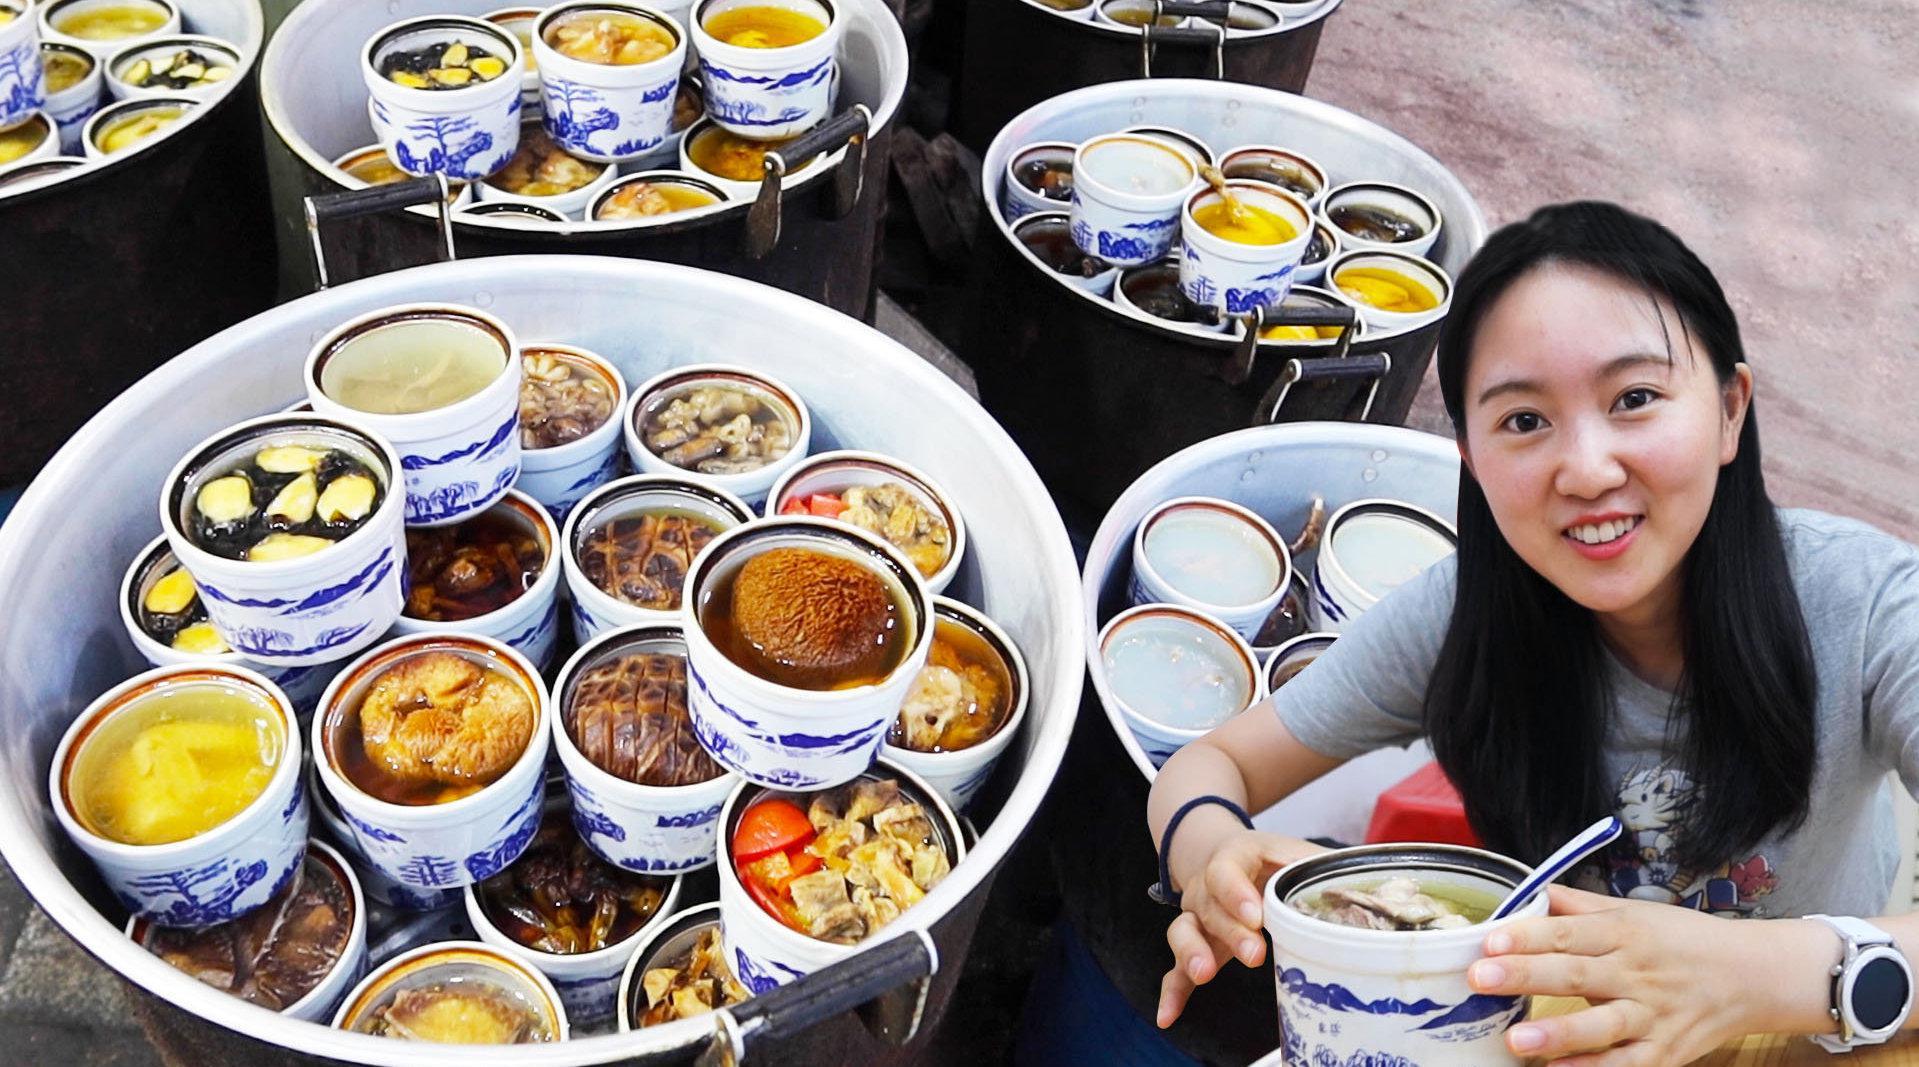 不仅广东有靓汤,江西南昌也有。在南昌,比较出名的是瓦罐煨汤……